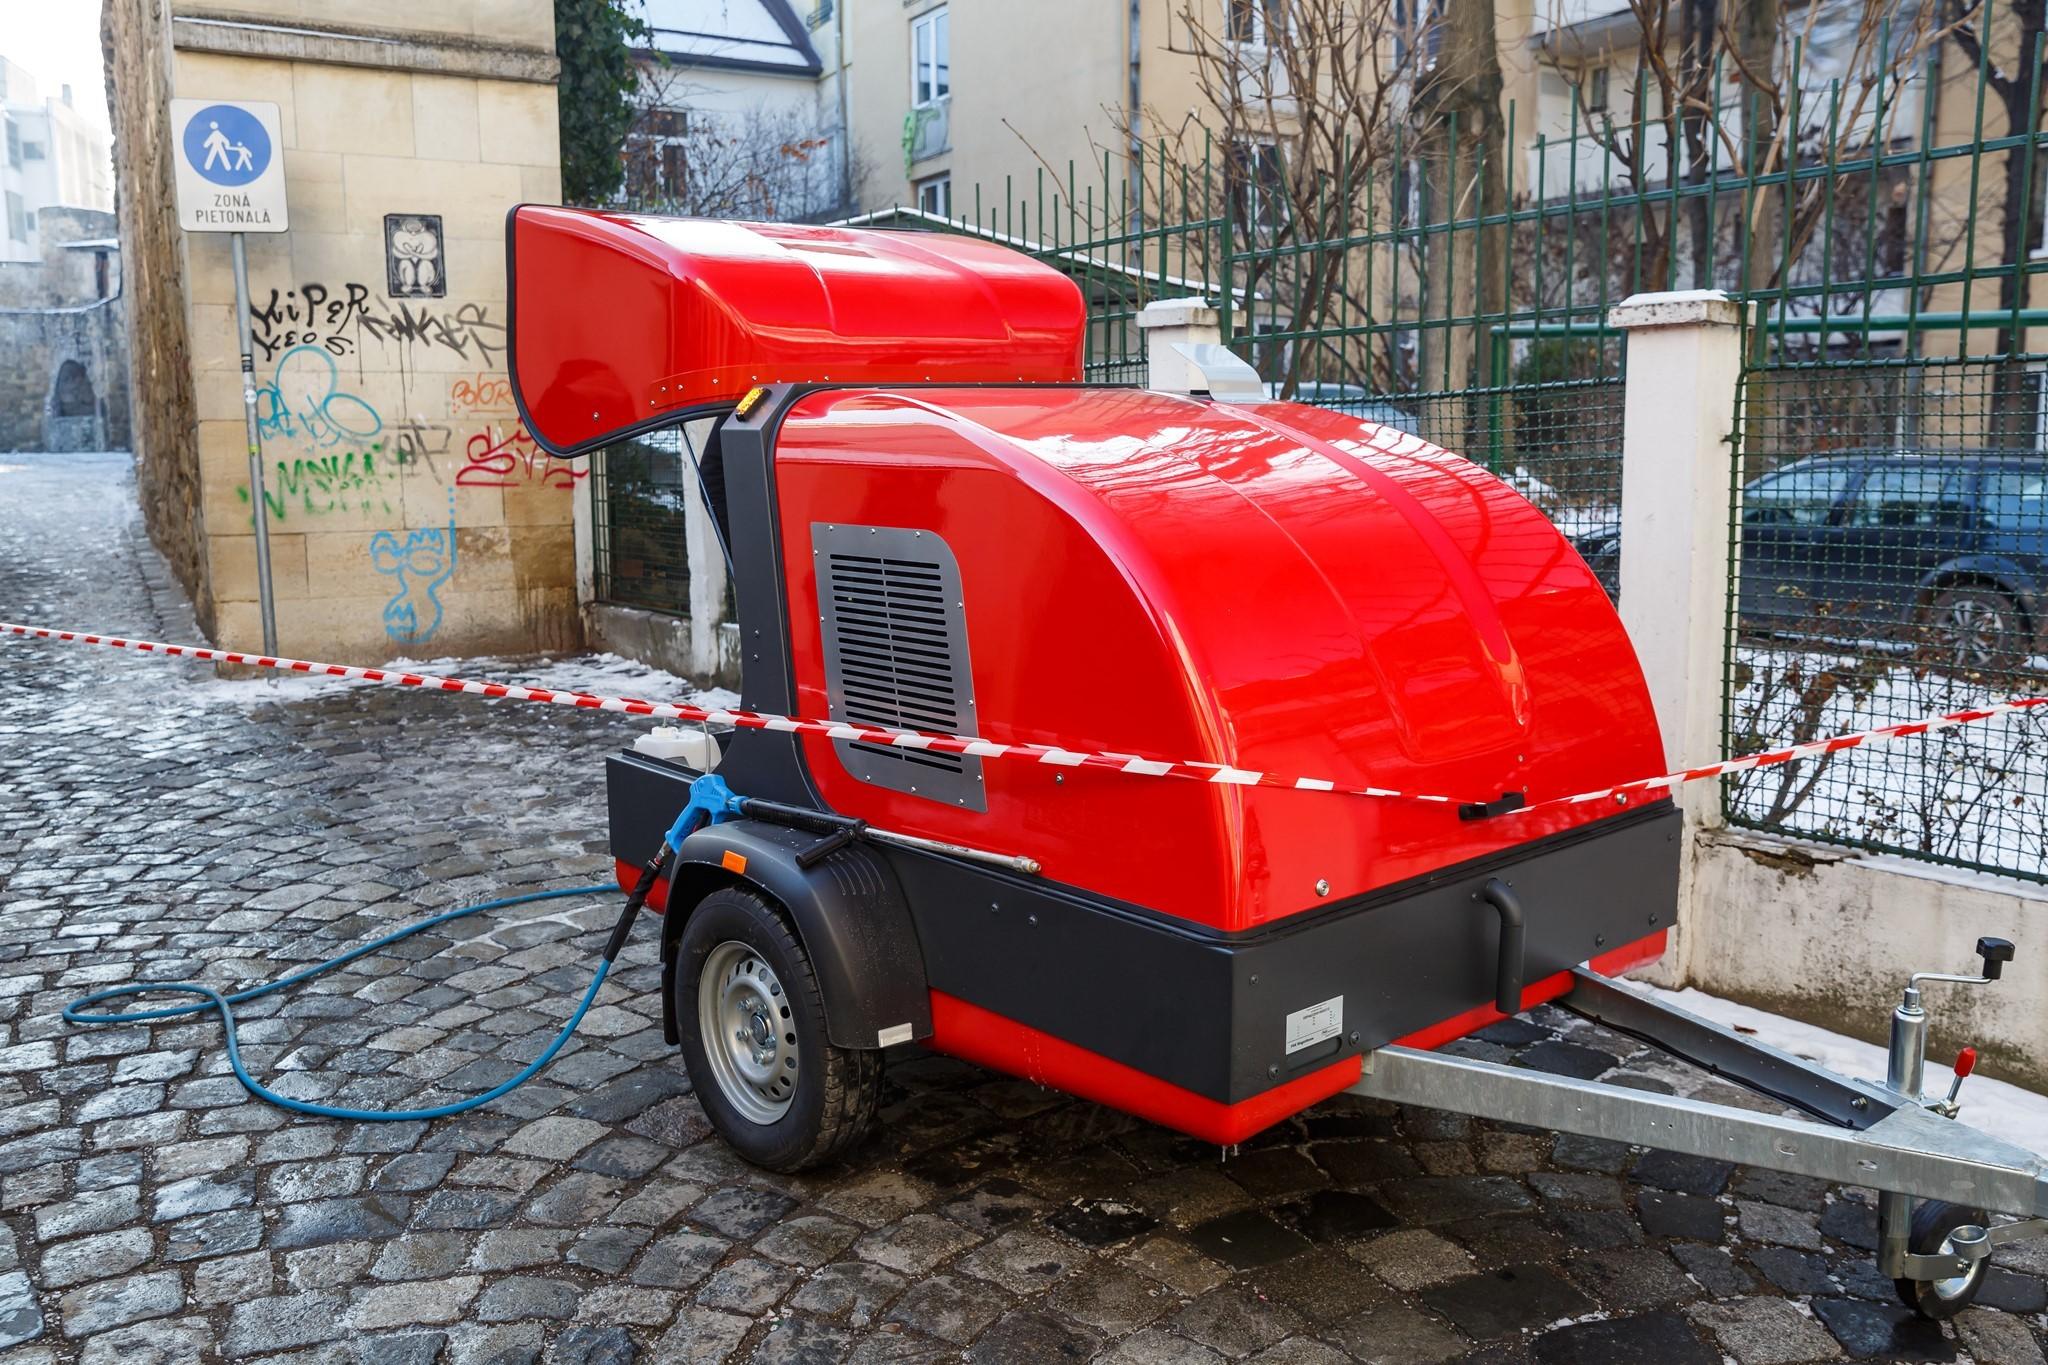 Primăria Cluj a investit 50.000 de euro într-un aparat de curățare a grafitti-urilor